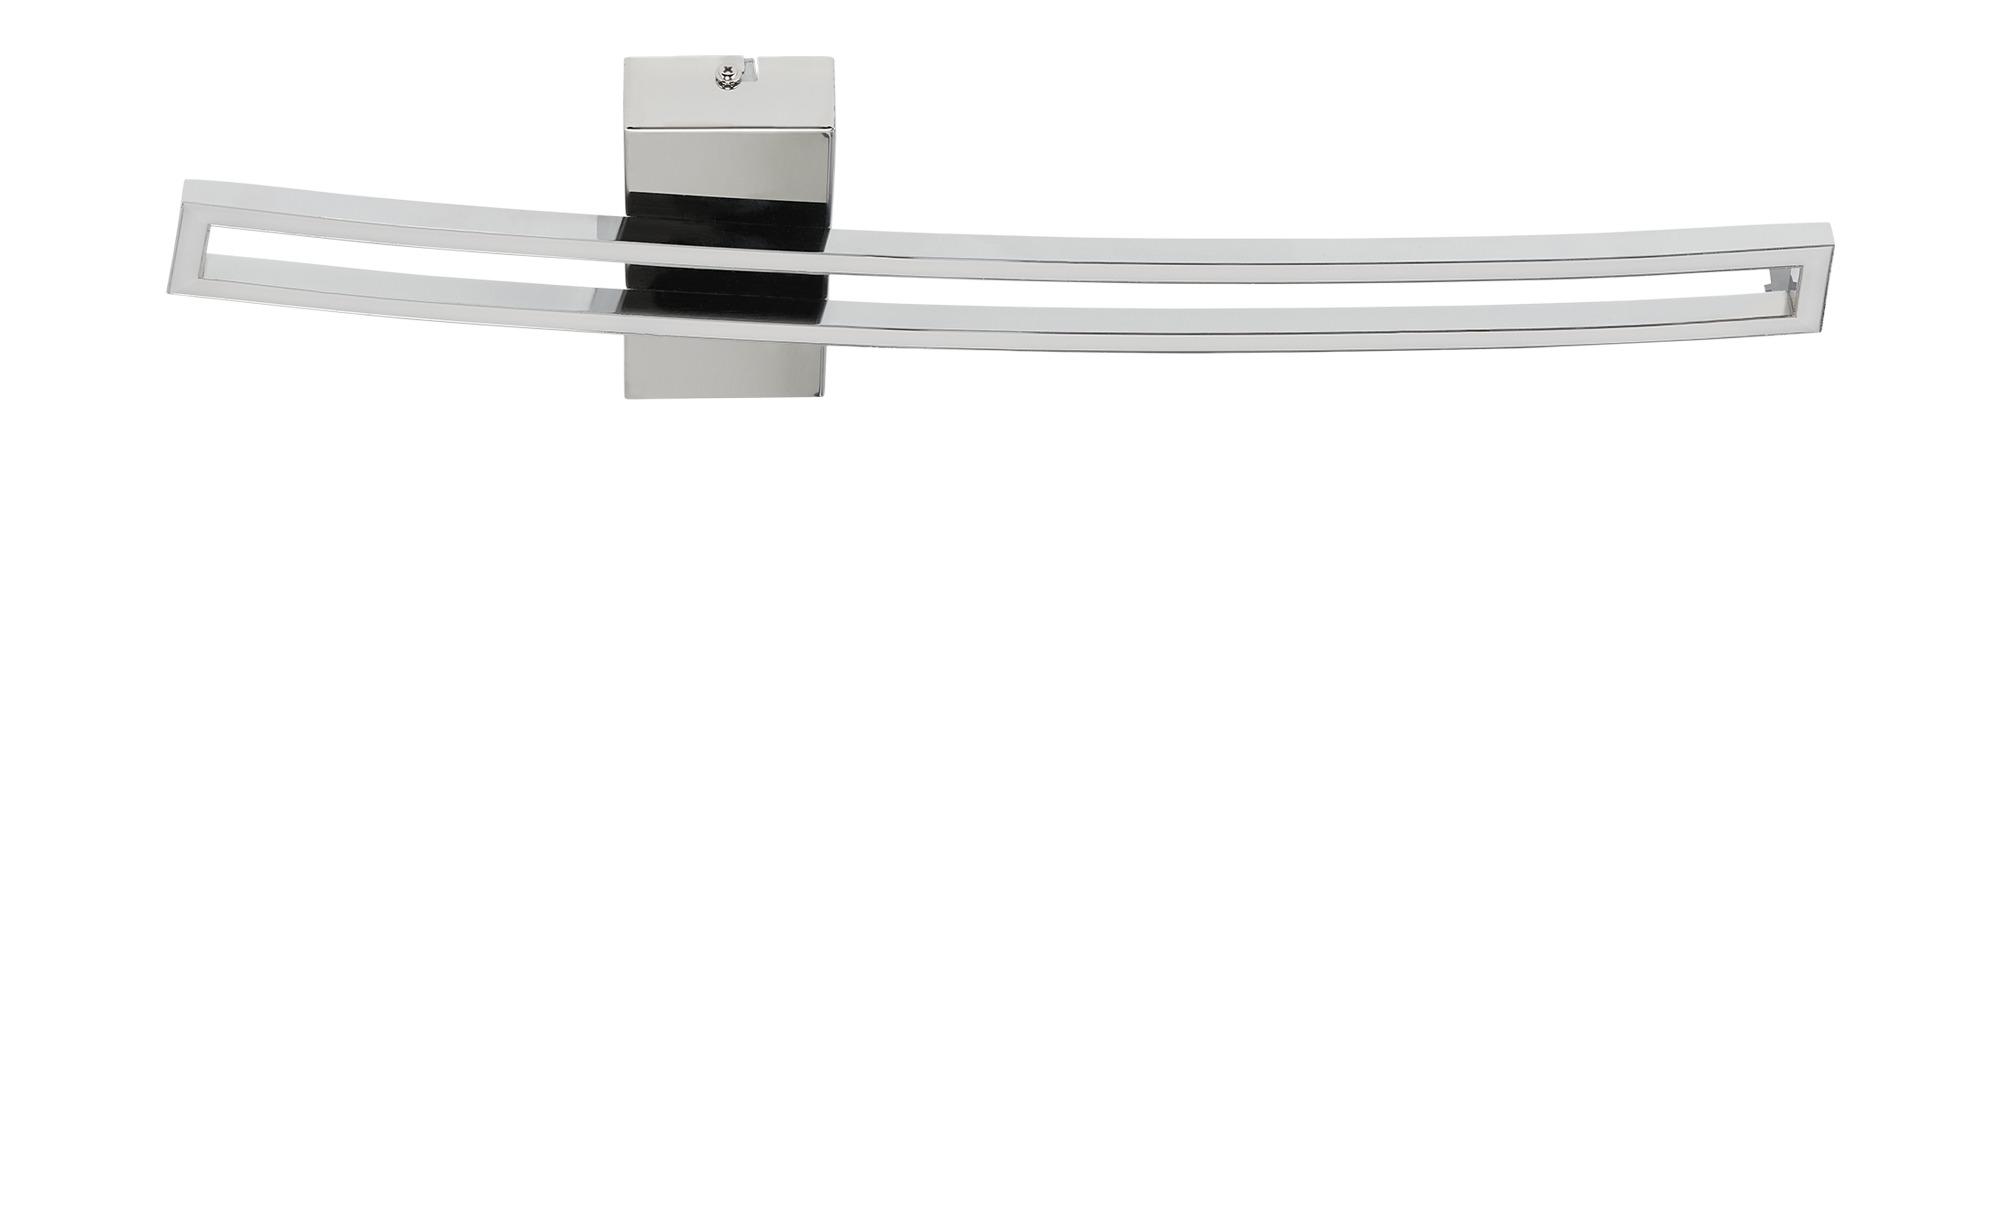 KHG LED-Deckenleuchte, 1-flammig, chrom ¦ silber ¦ Maße (cm): B: 16 H: 5 Lampen & Leuchten > Innenleuchten > Deckenleuchten - Höffner